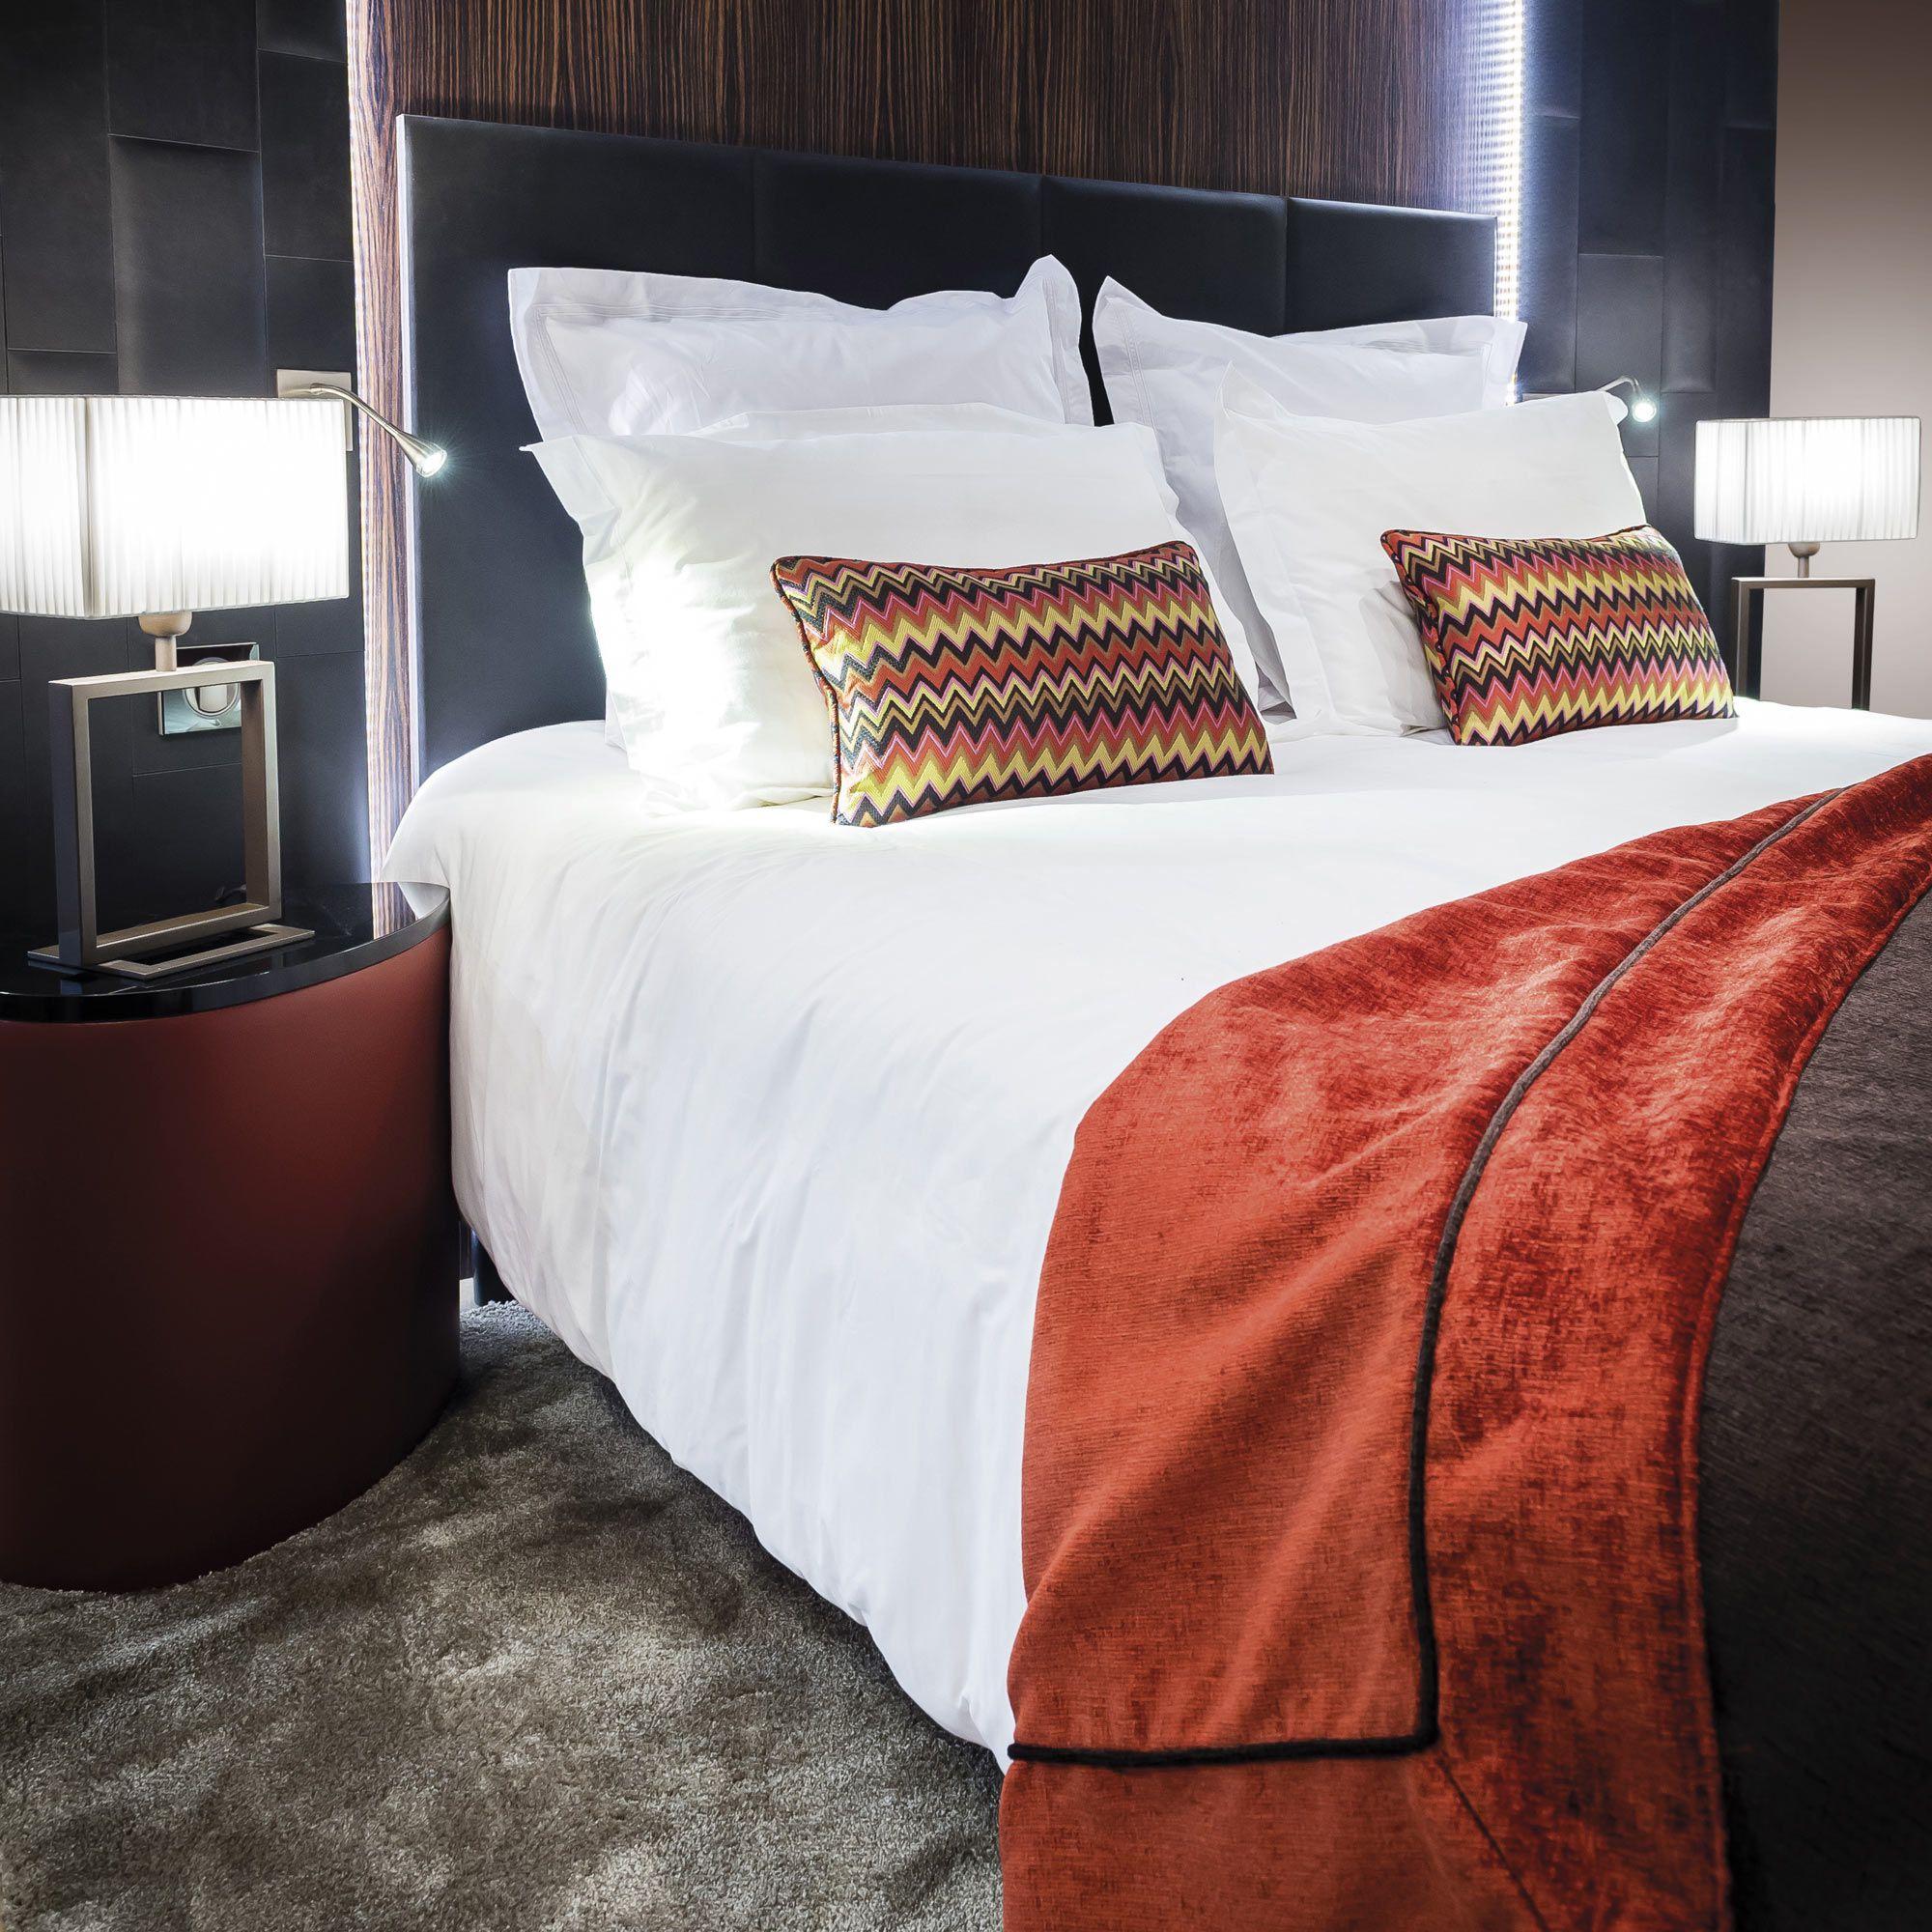 Cheap tte de lit cuir noir with lit rond noir - Deco de chanbre adulte lit rond rouge ...